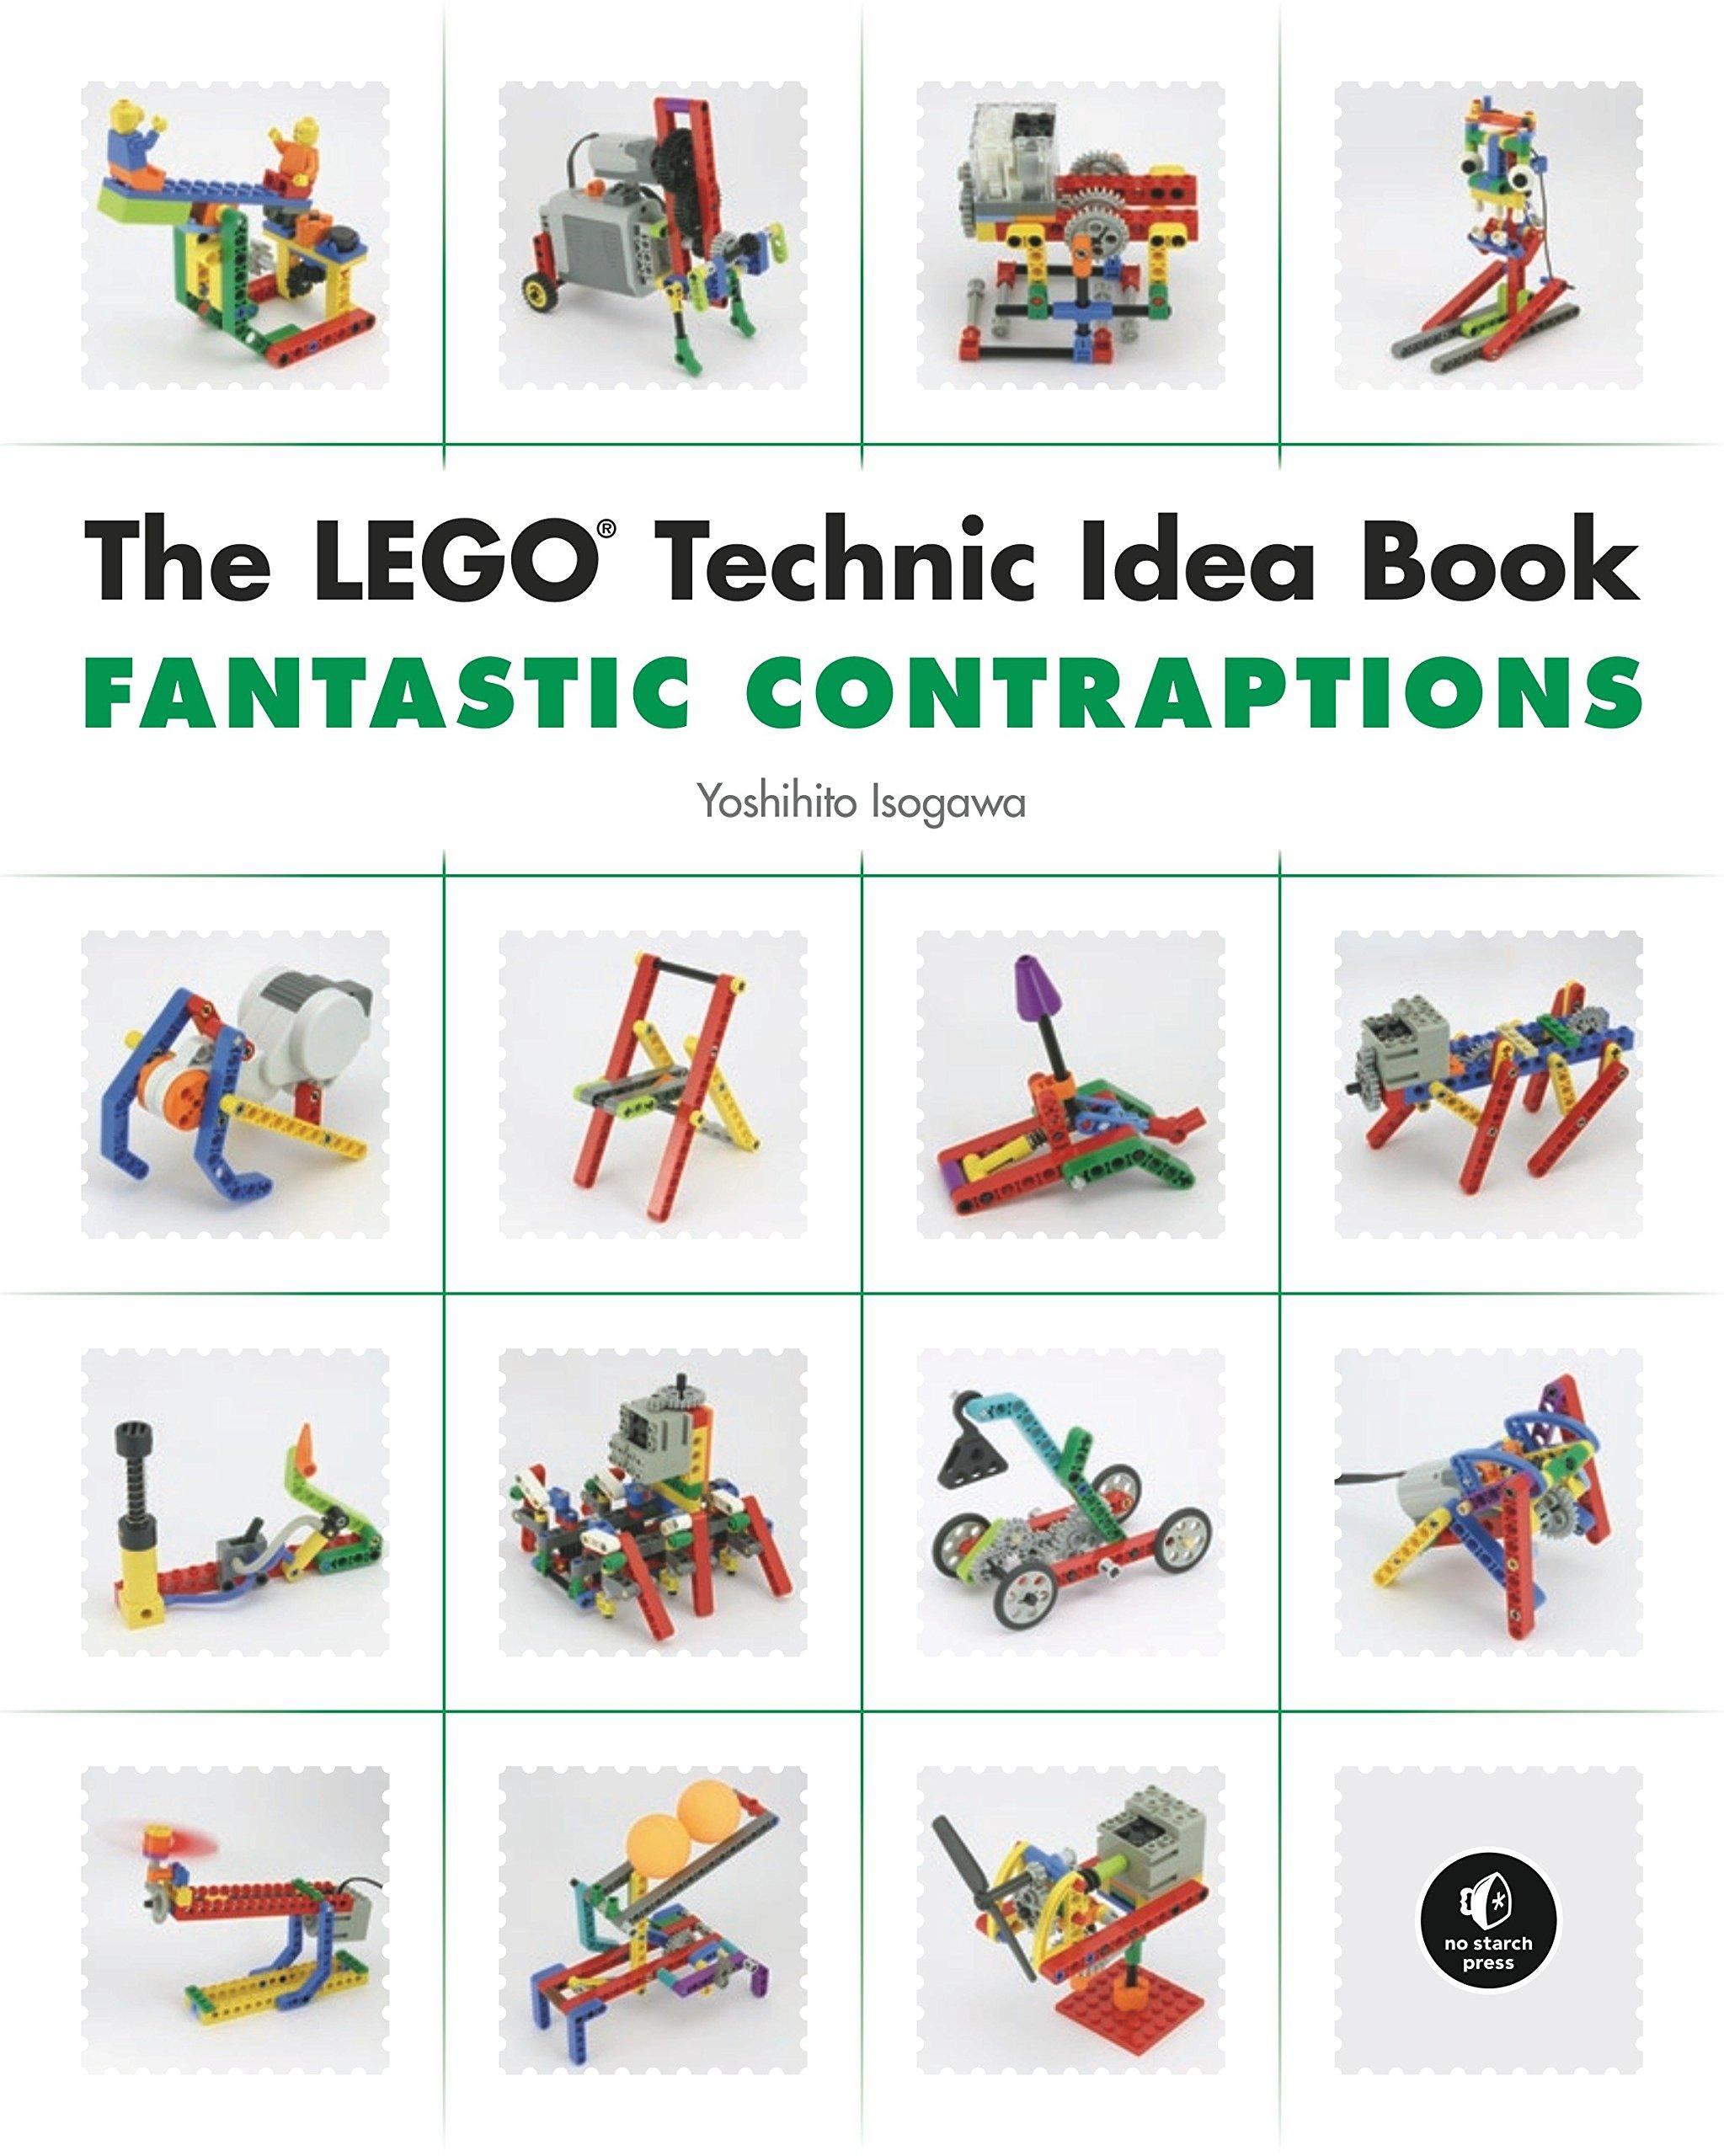 The LEGO Technic Idea Book: Fantastic Contraptions PDF